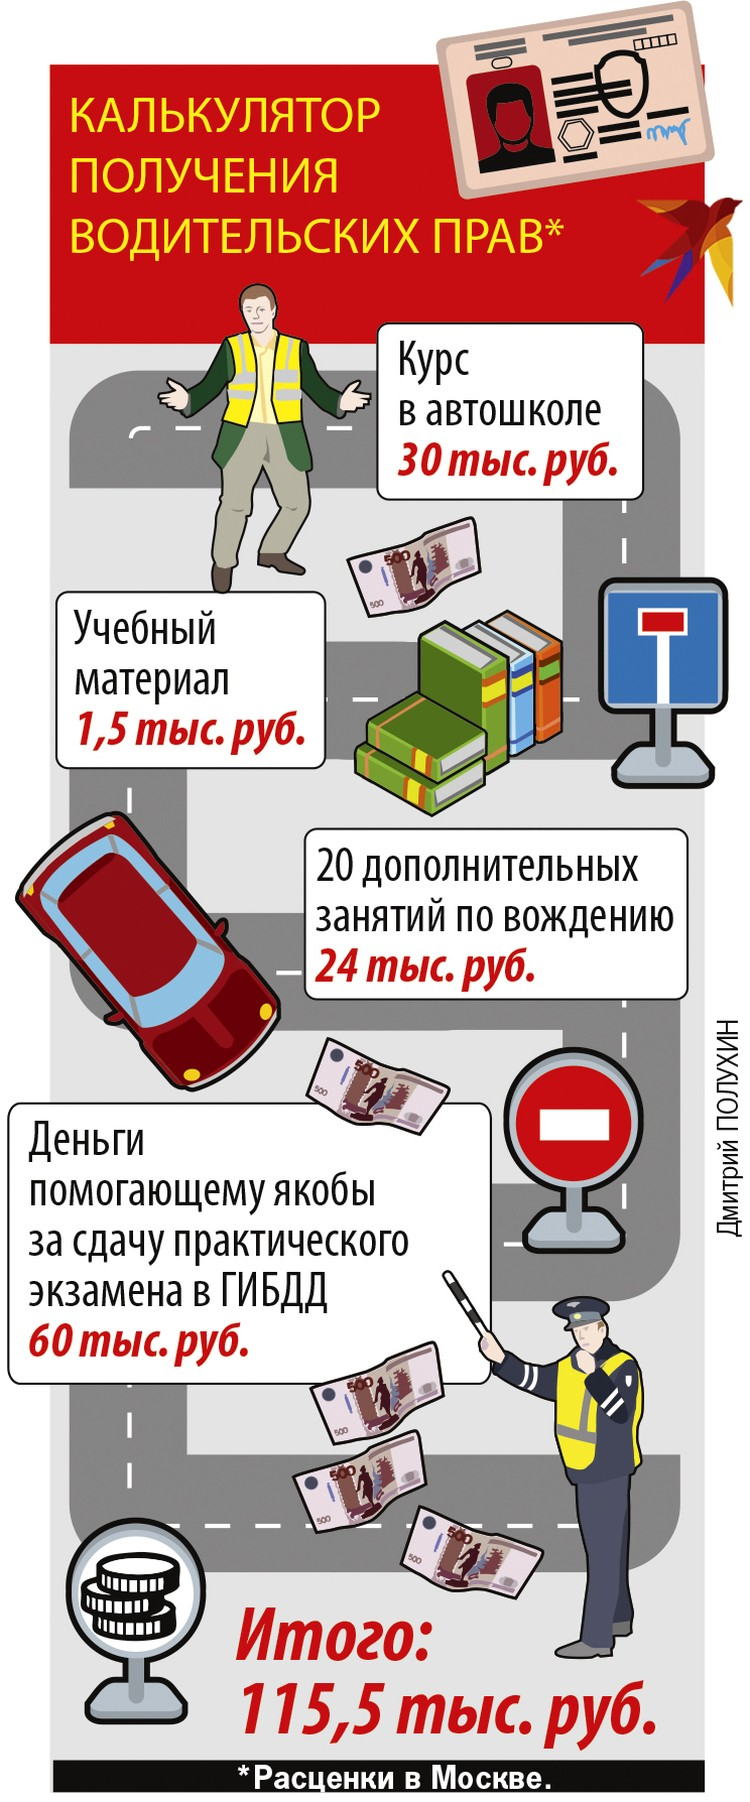 Калькулятор получения водительских прав